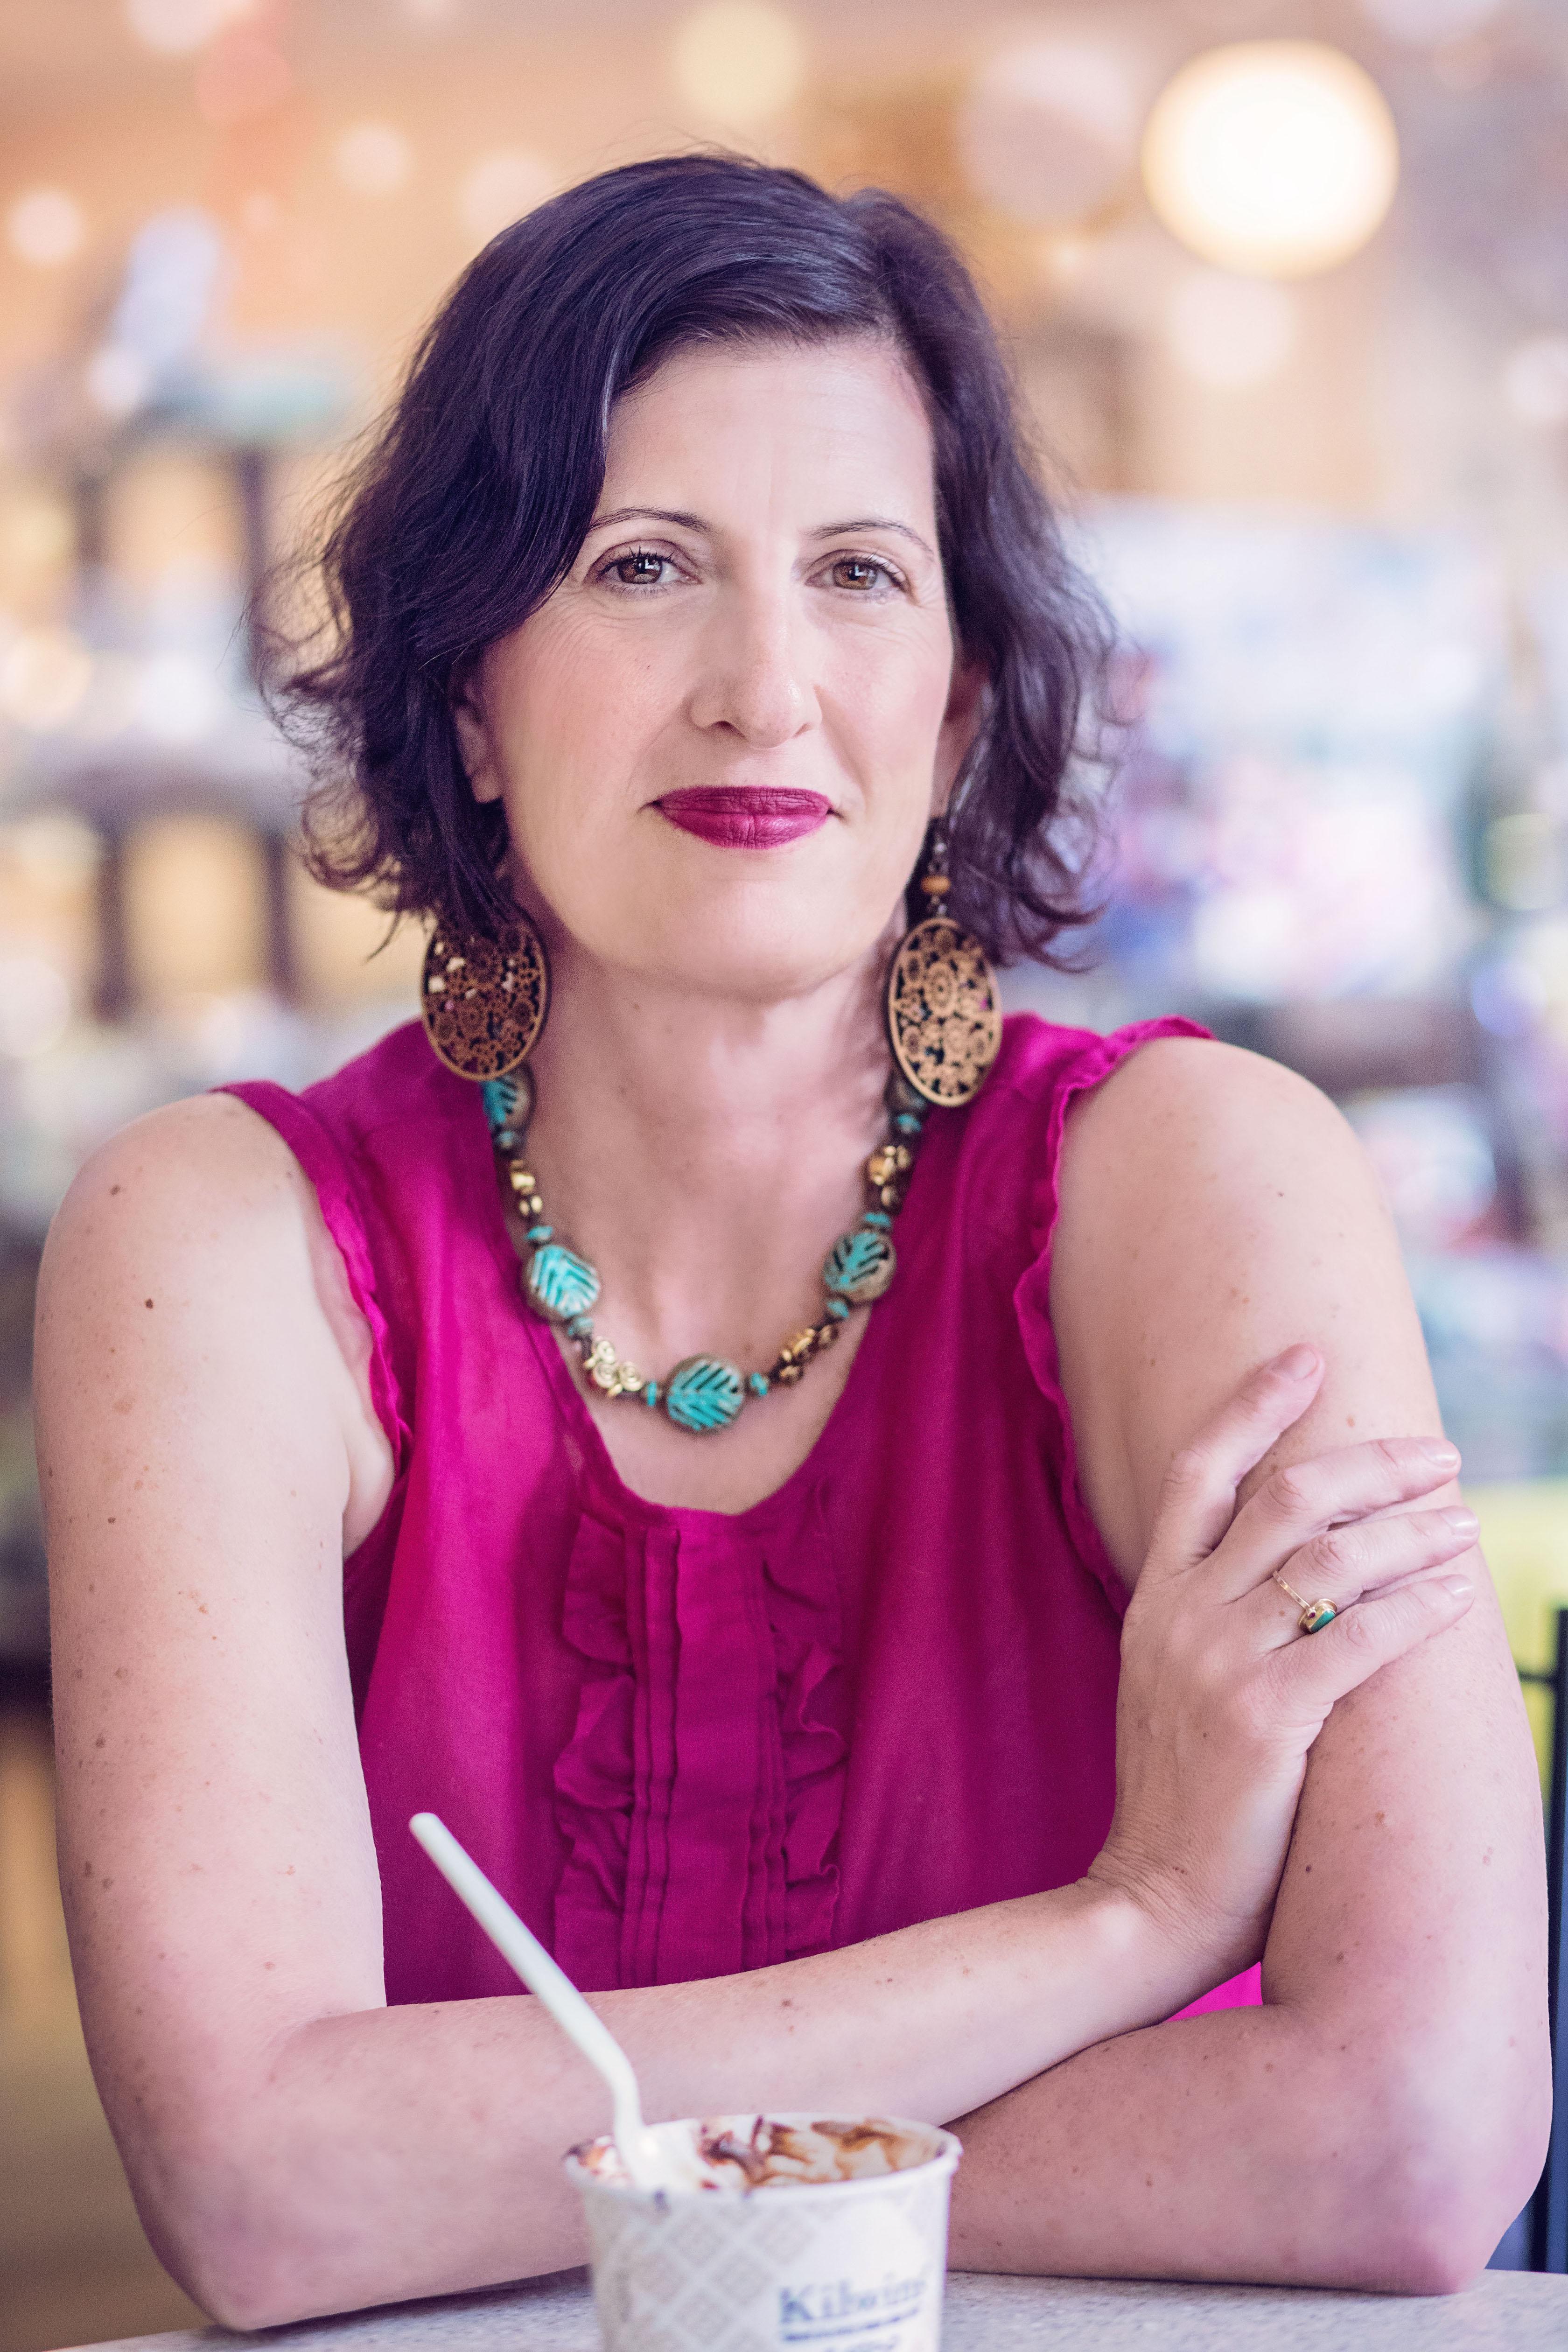 Susan Gorman Intuitive- Susan Eating Ice Cream